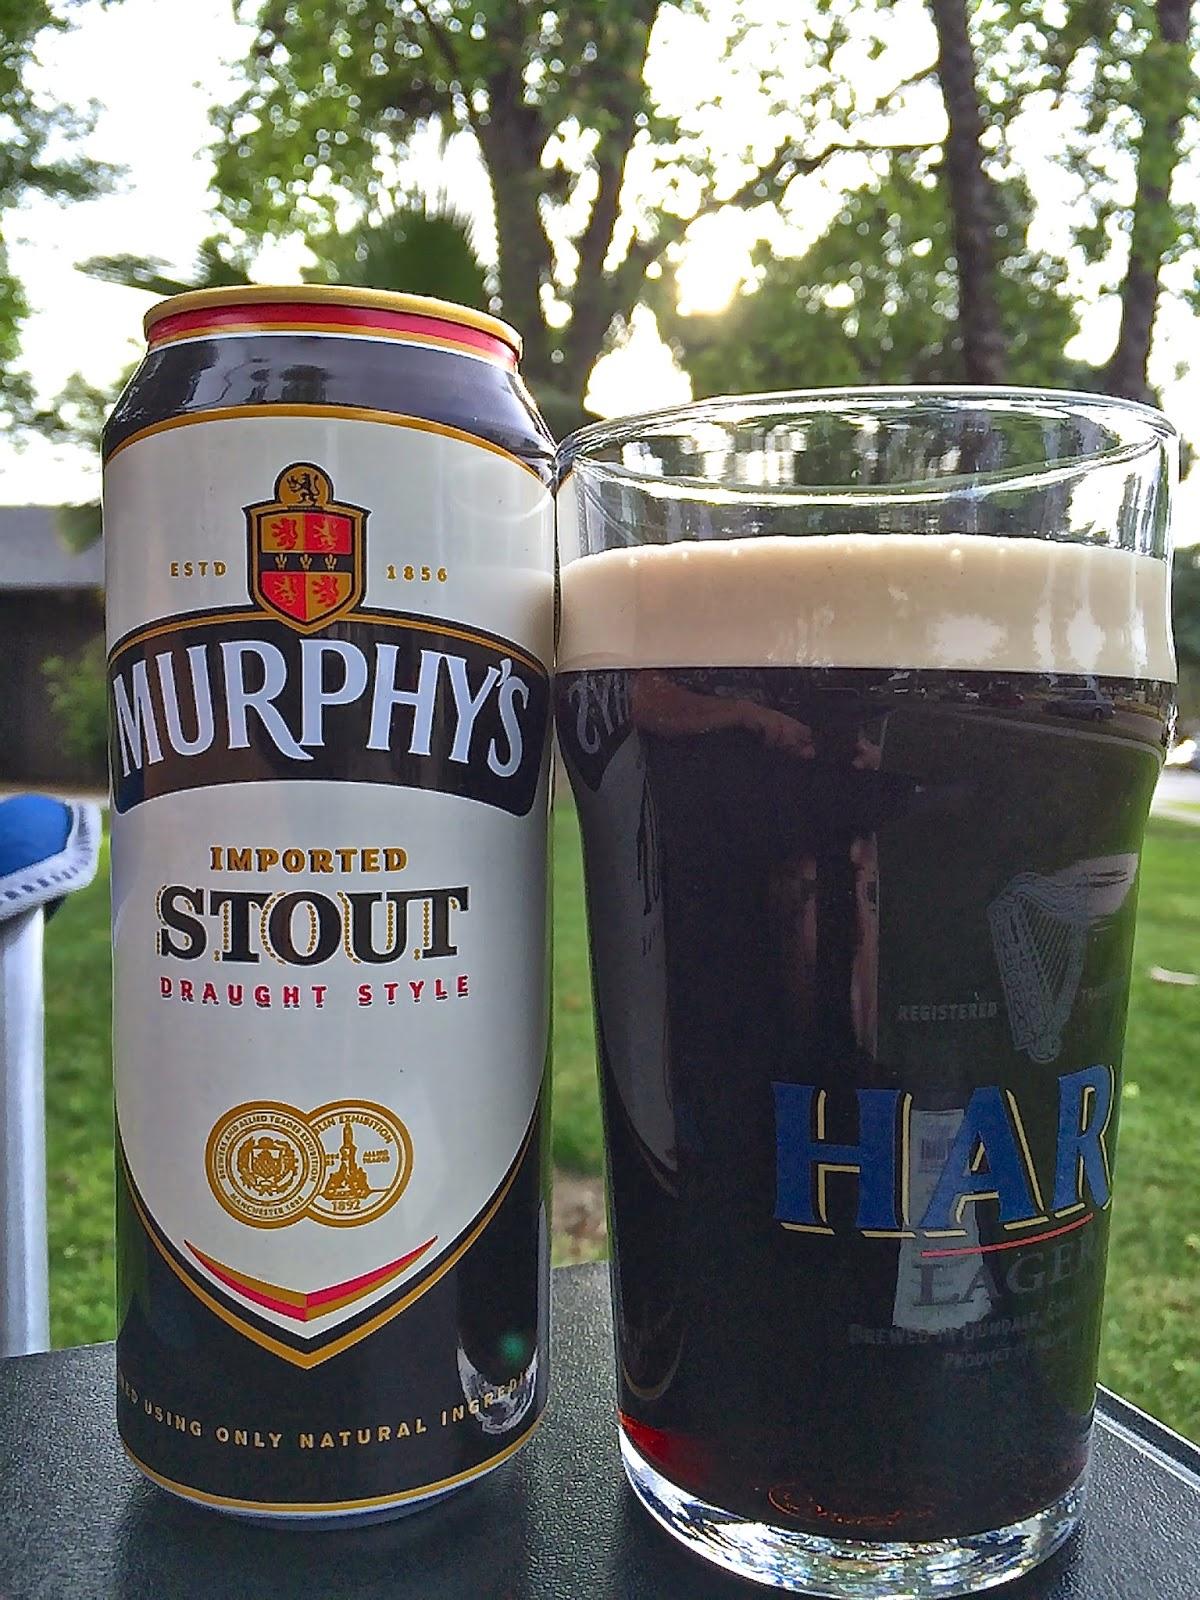 Murphy's Irish Stout 1